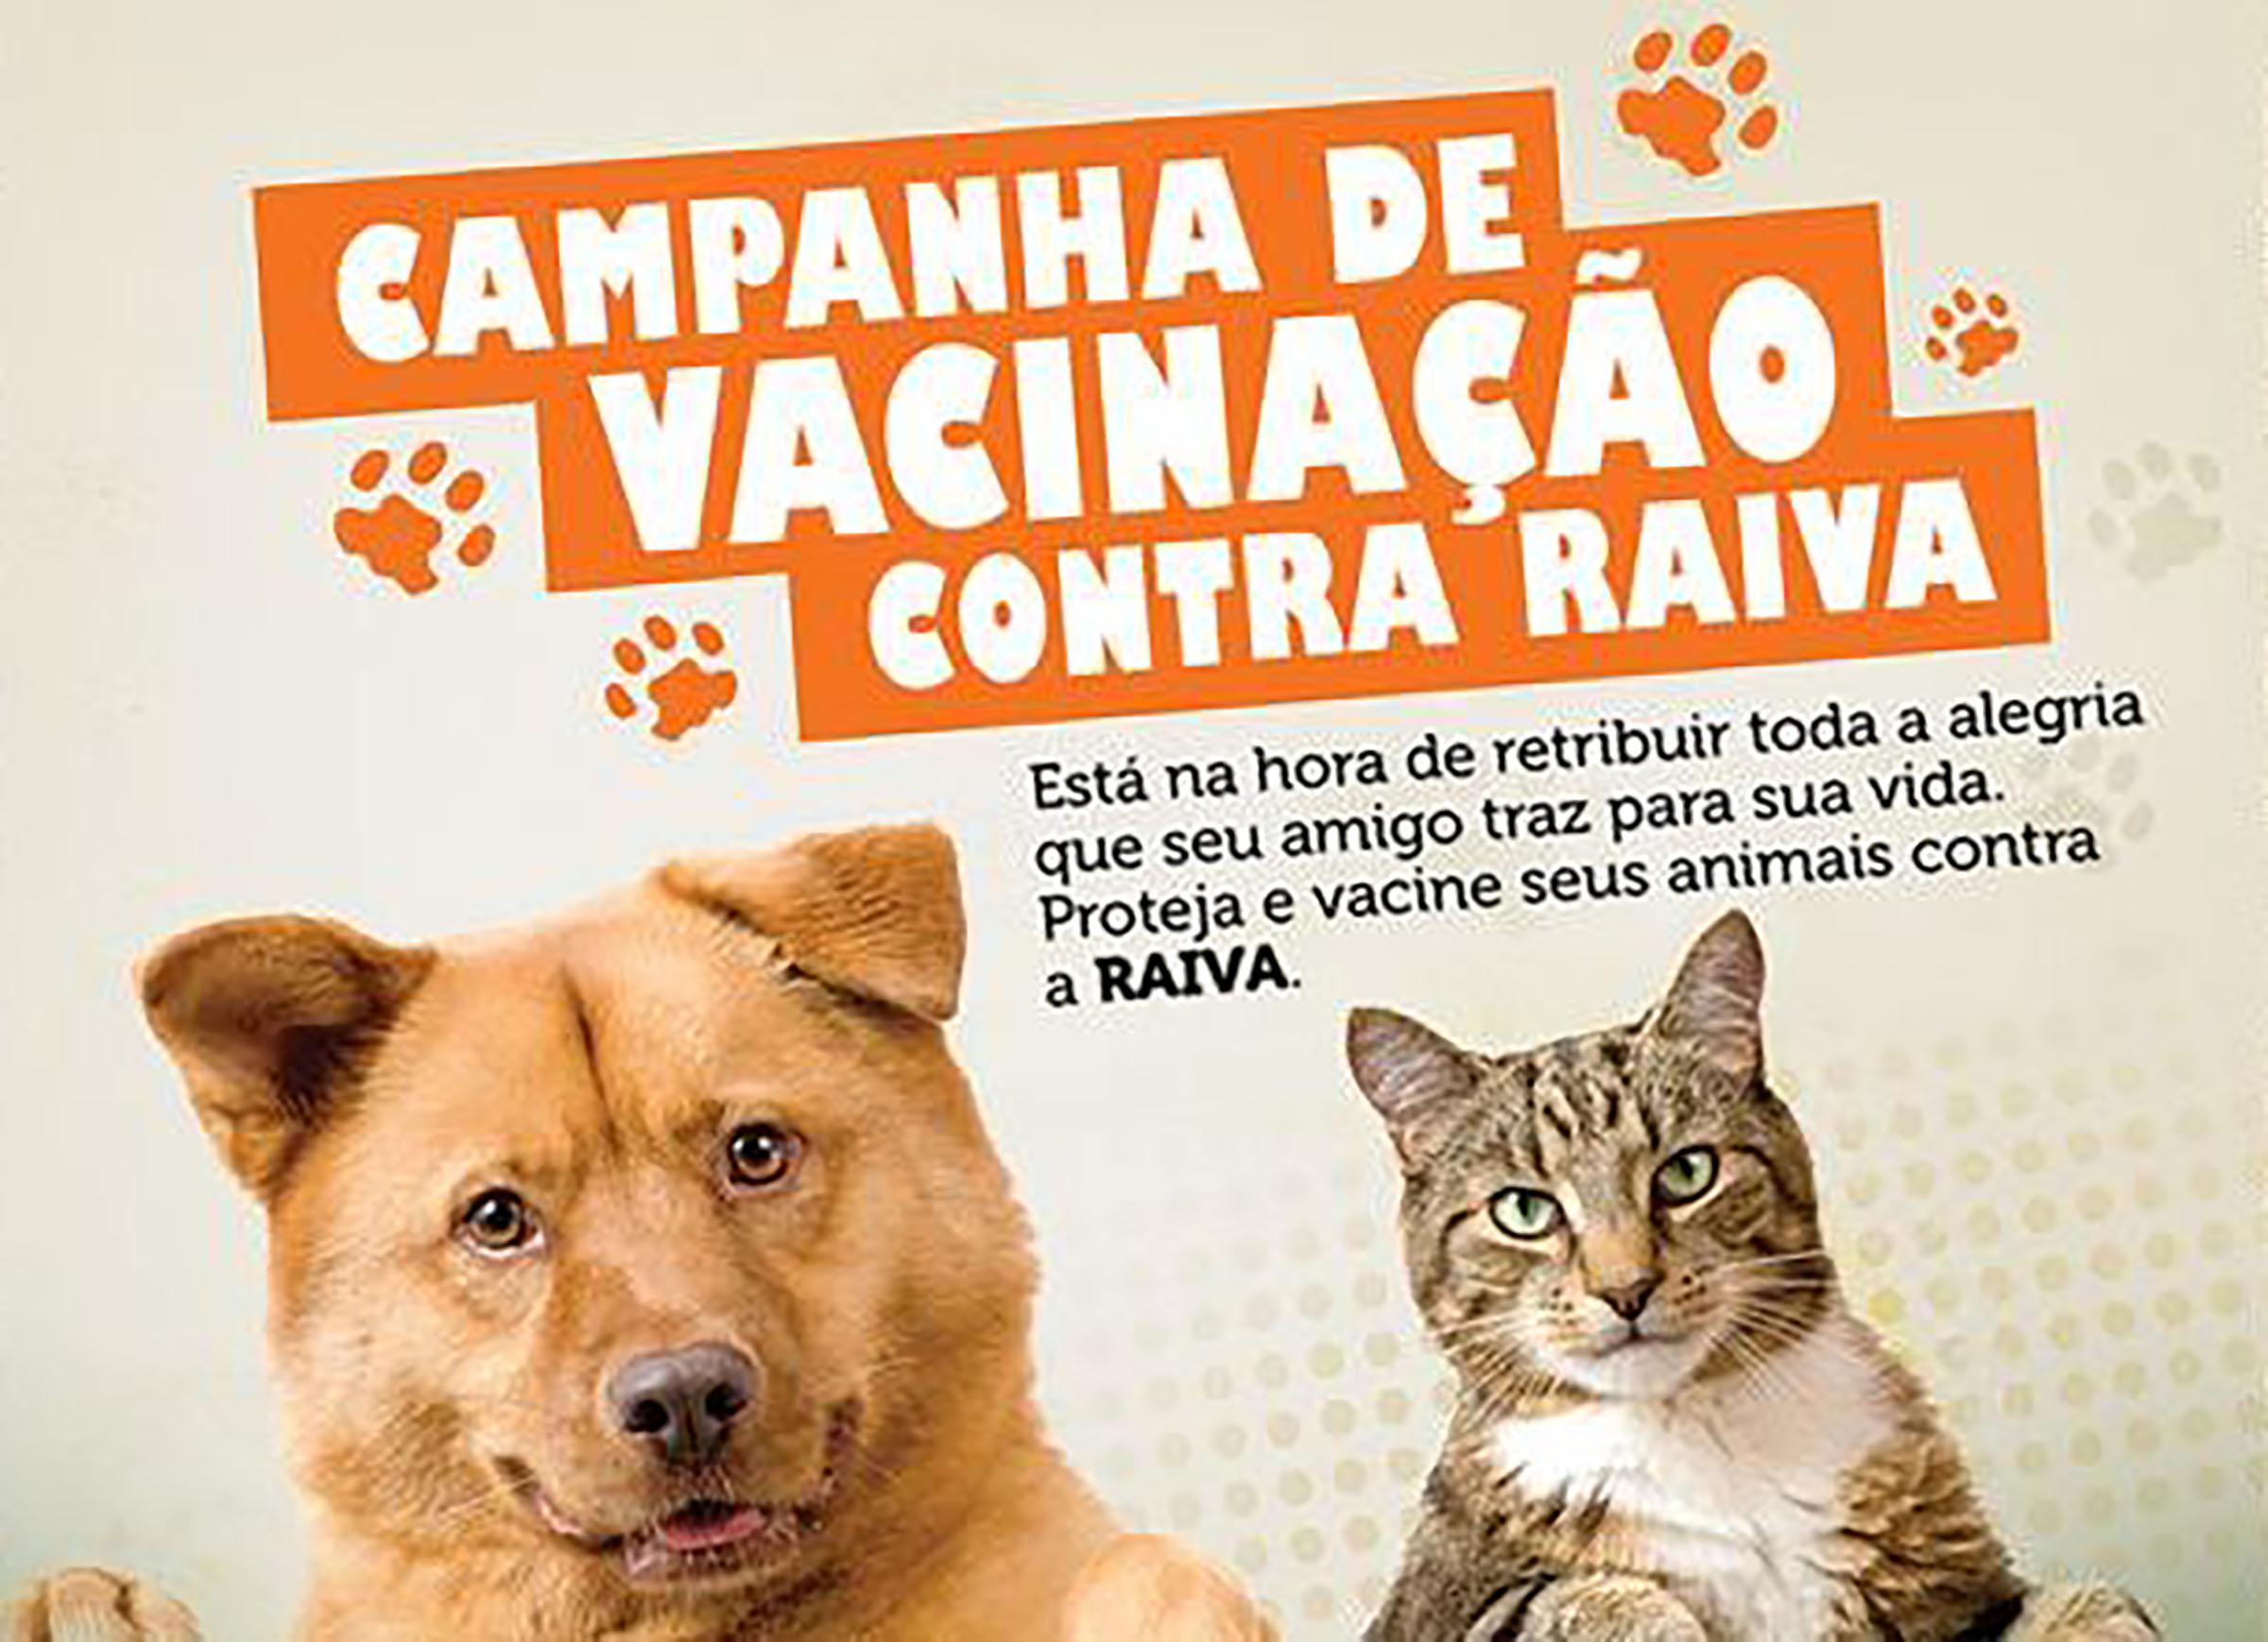 Vacinação contra a ravia começa em Paraguaçu